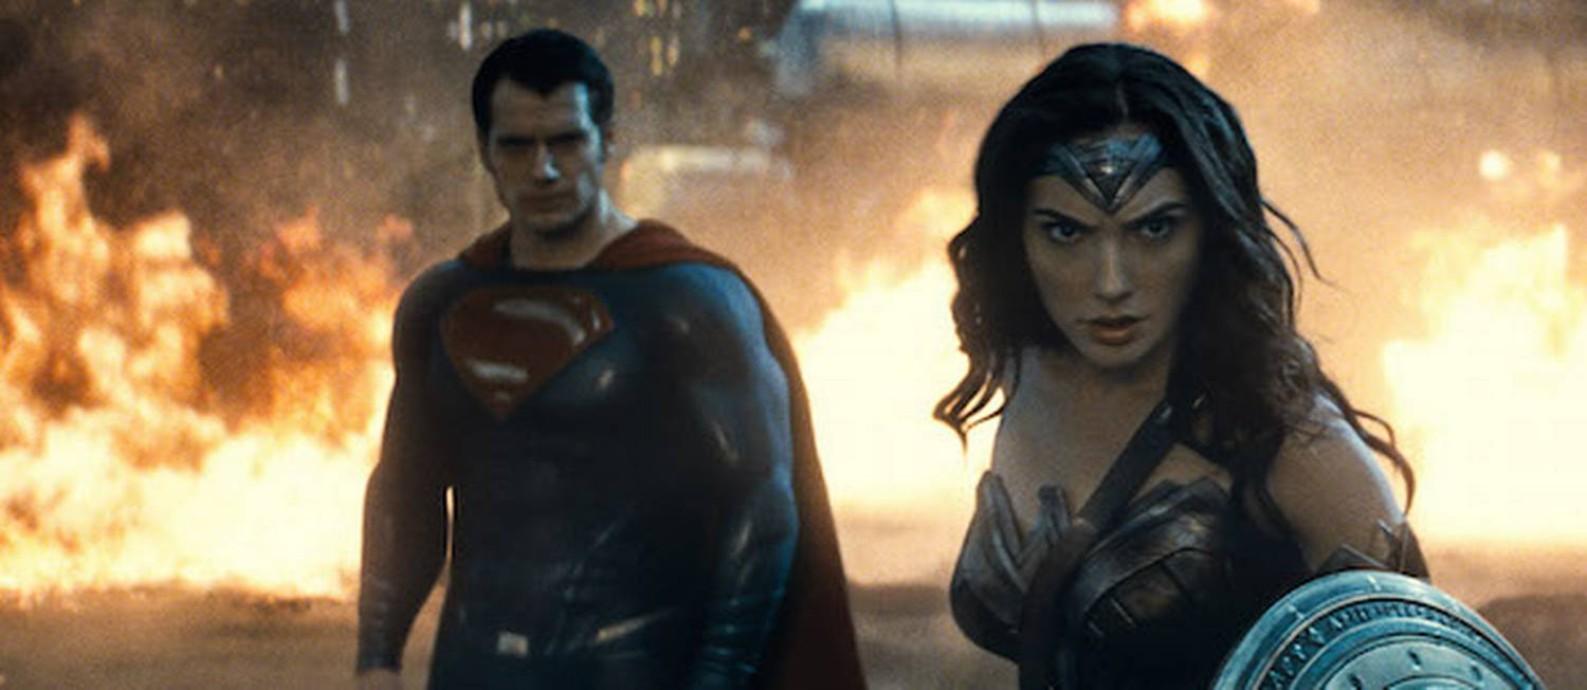 Cena do filme 'Batman vs Superman: A Origem da Justiça' Foto: Divulgação